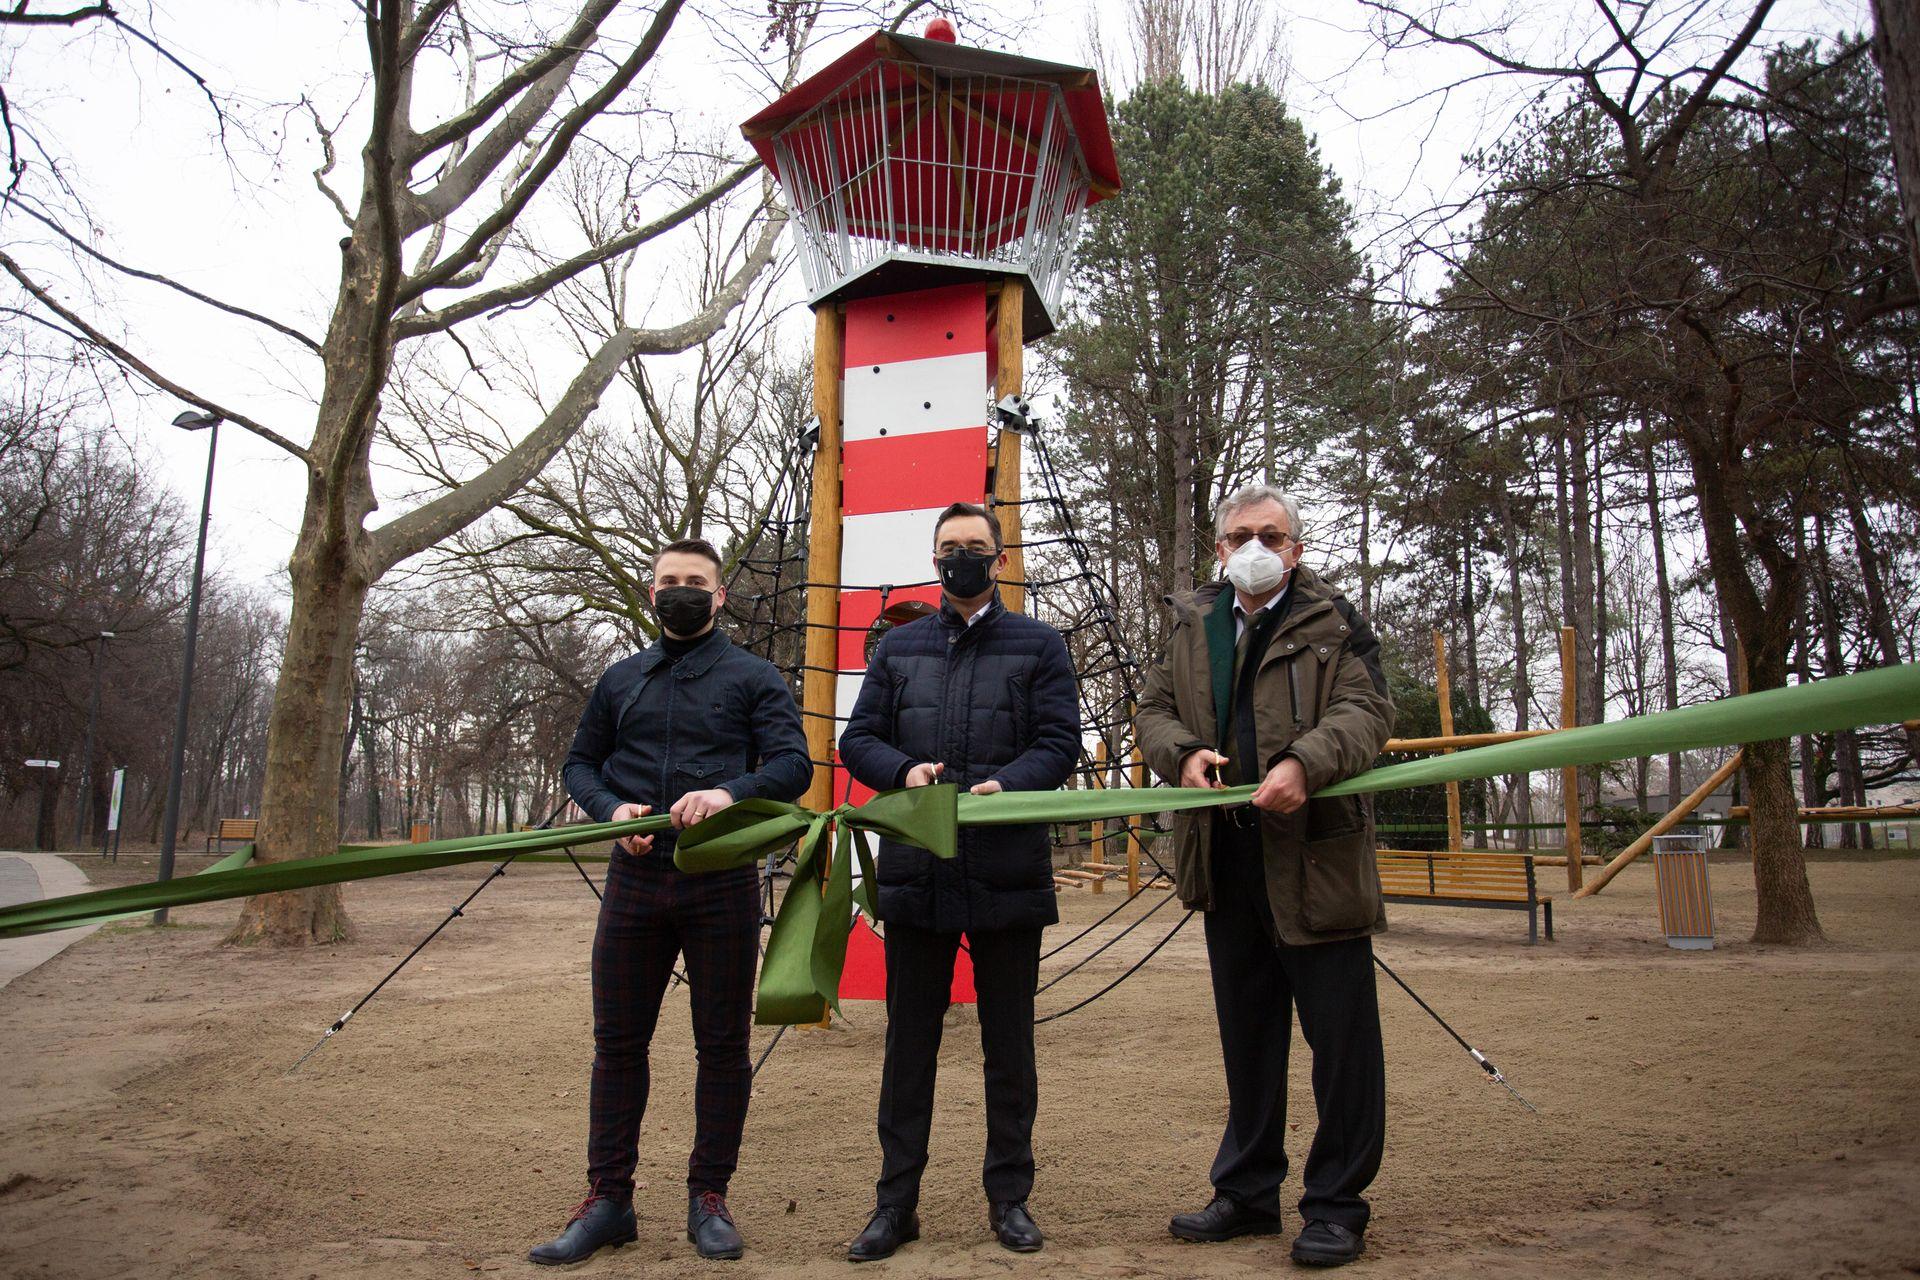 Új játszóeszközöket telepített a Nyírerdő Zrt. a debreceni Békás-tó melletti játszótérre